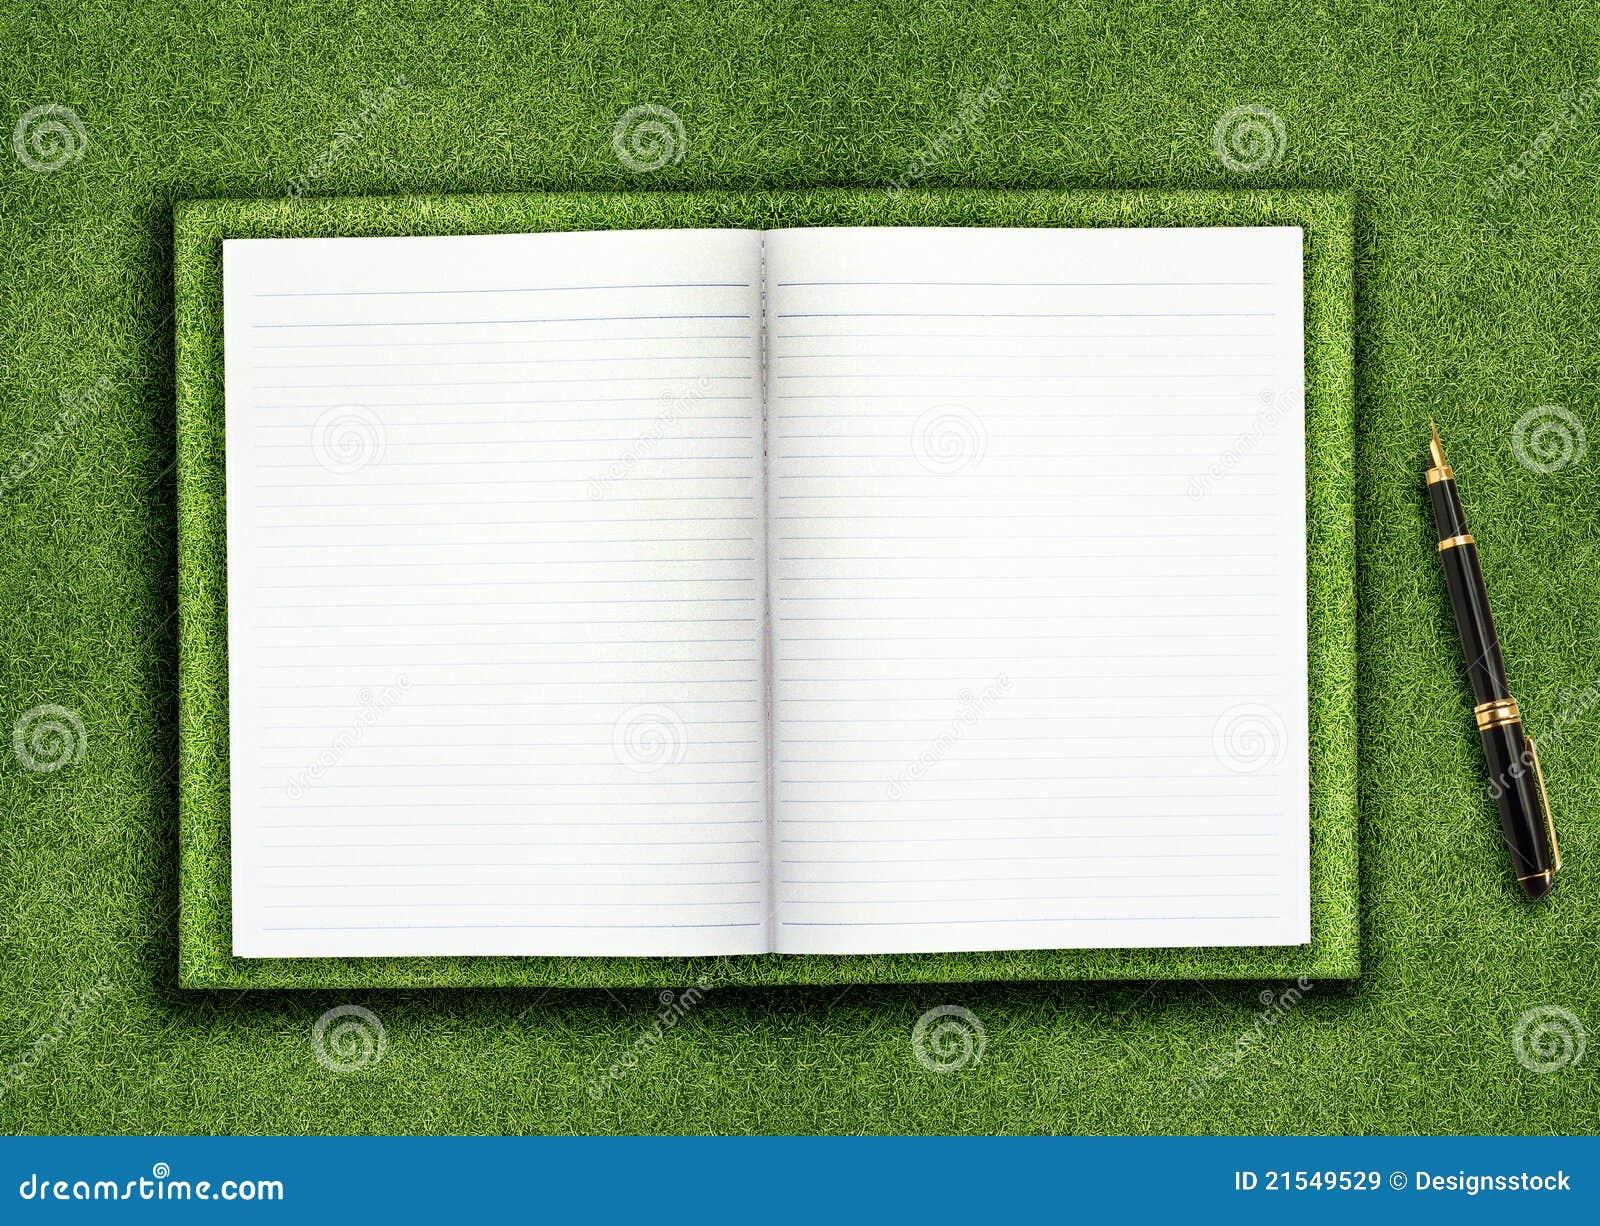 ppt 背景 背景图片 边框 模板 设计 相框 1300_1013图片